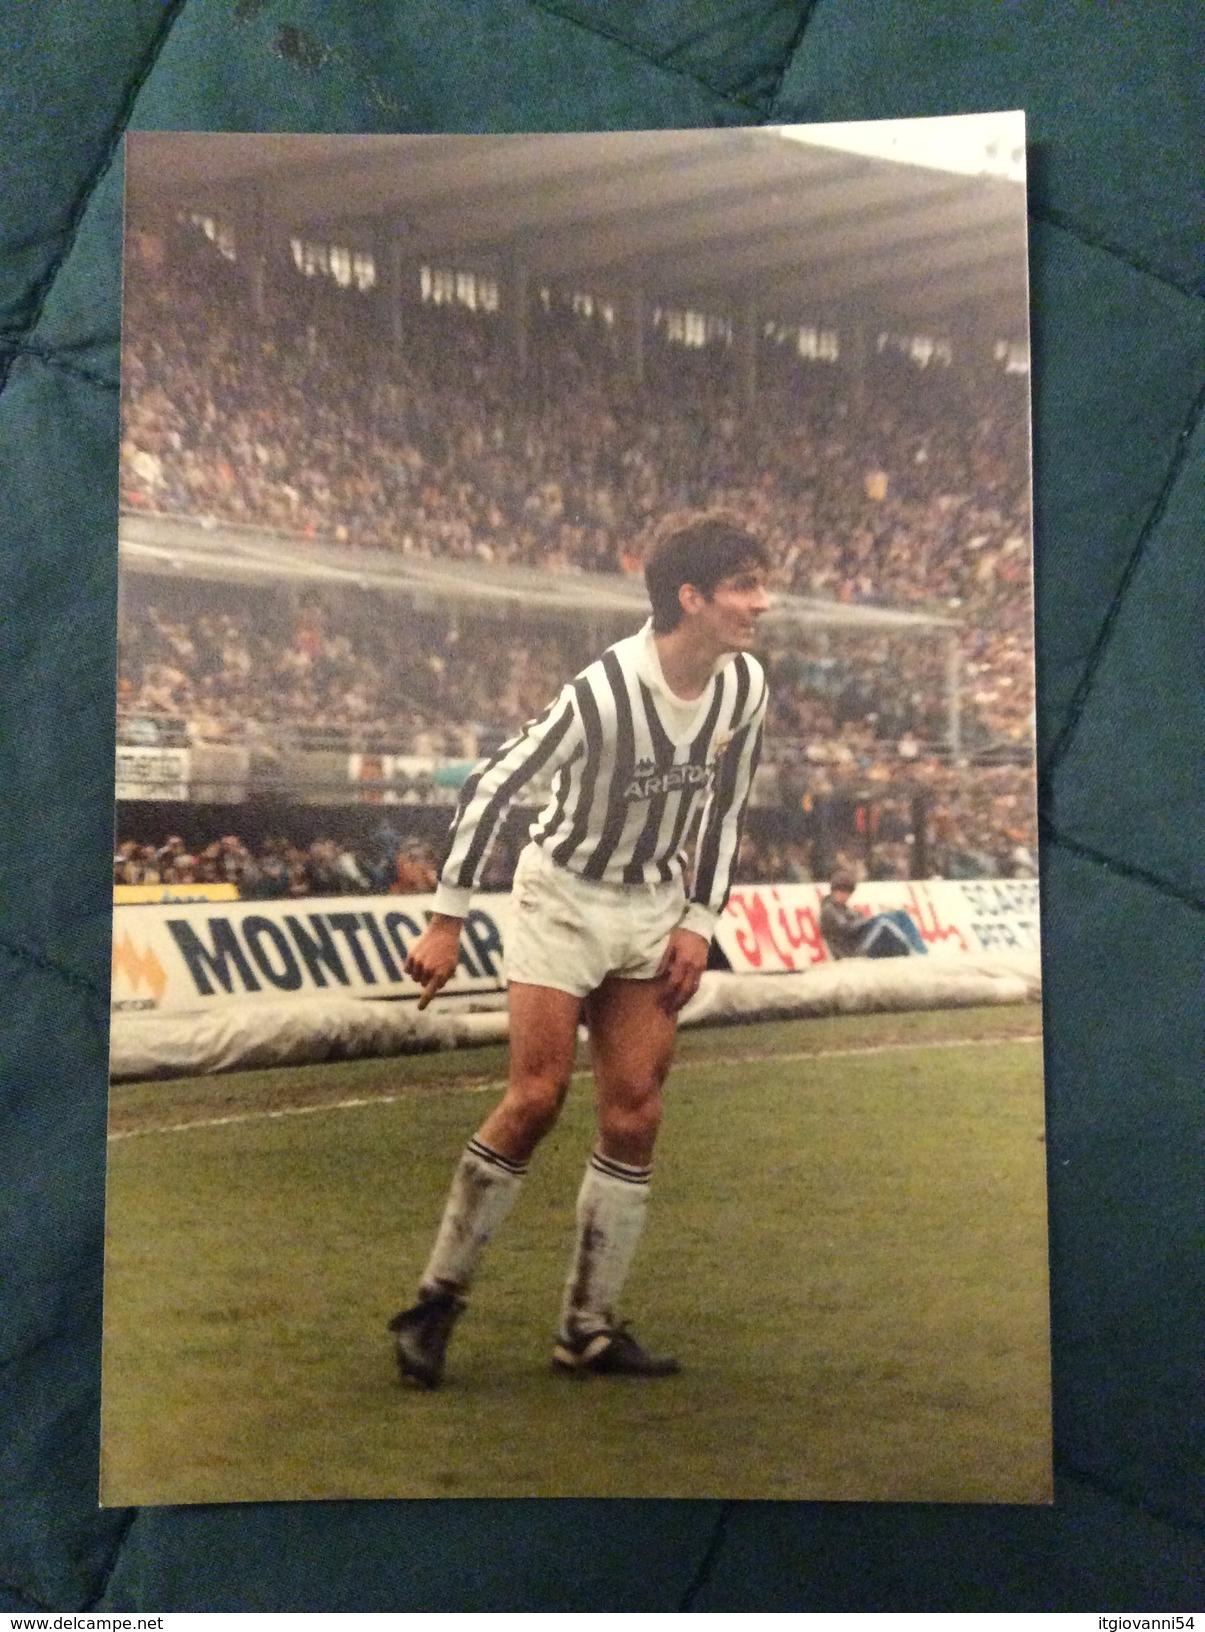 Fotografia Originale PAOLO ROSSI Della Juventus Al Comunale Di Torino 1984 - Fútbol